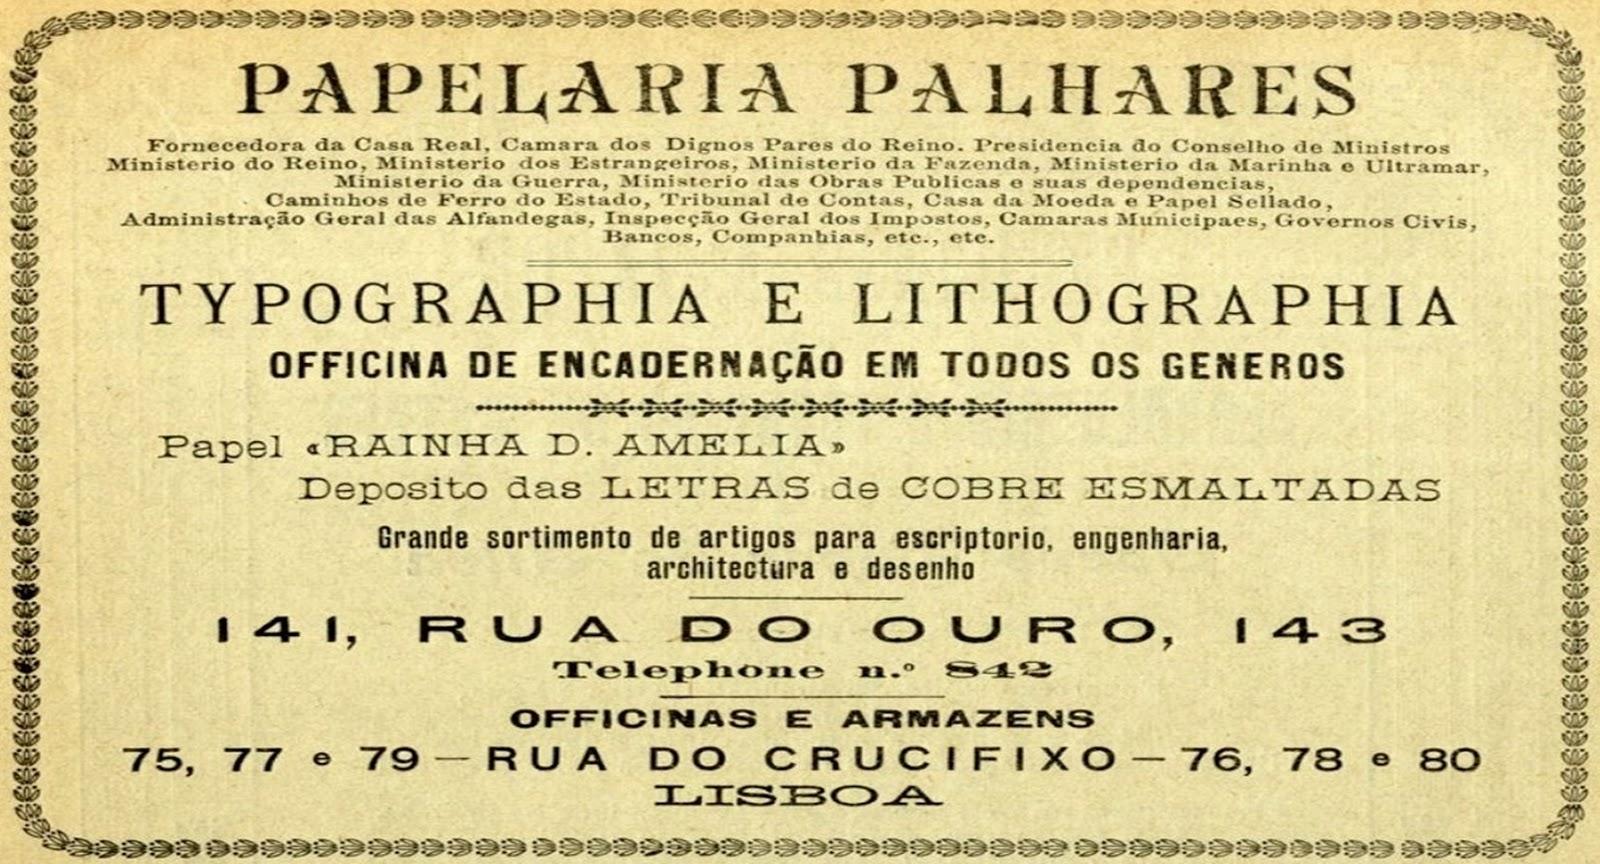 [1905-Papelaria-Palhares-21-122]